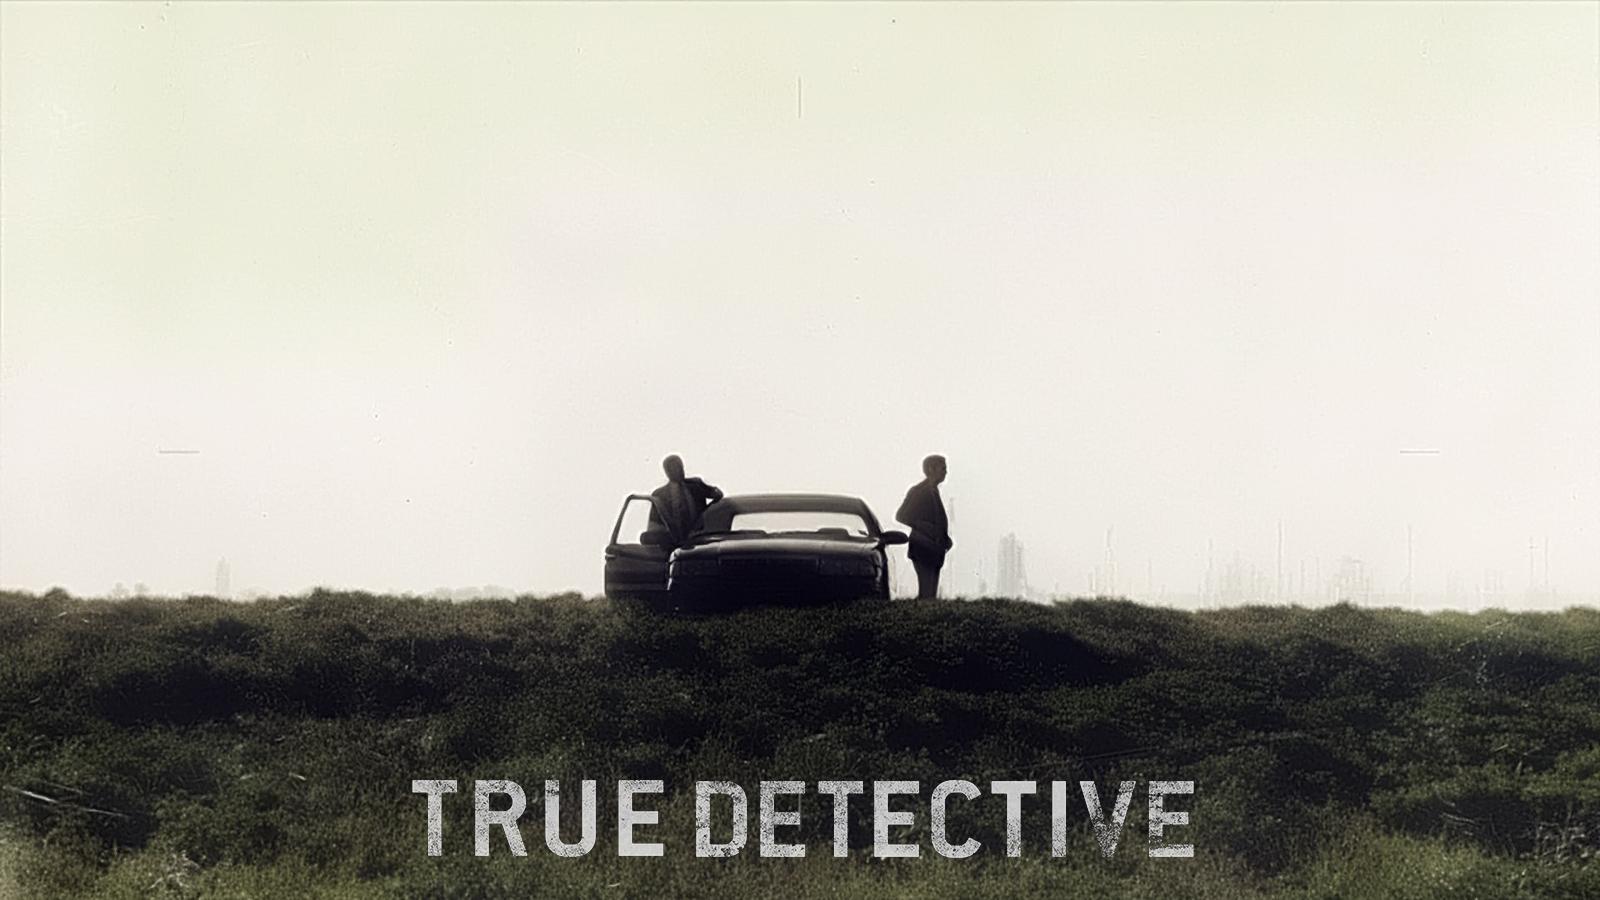 True-Detective-wallpapers-4.jpg